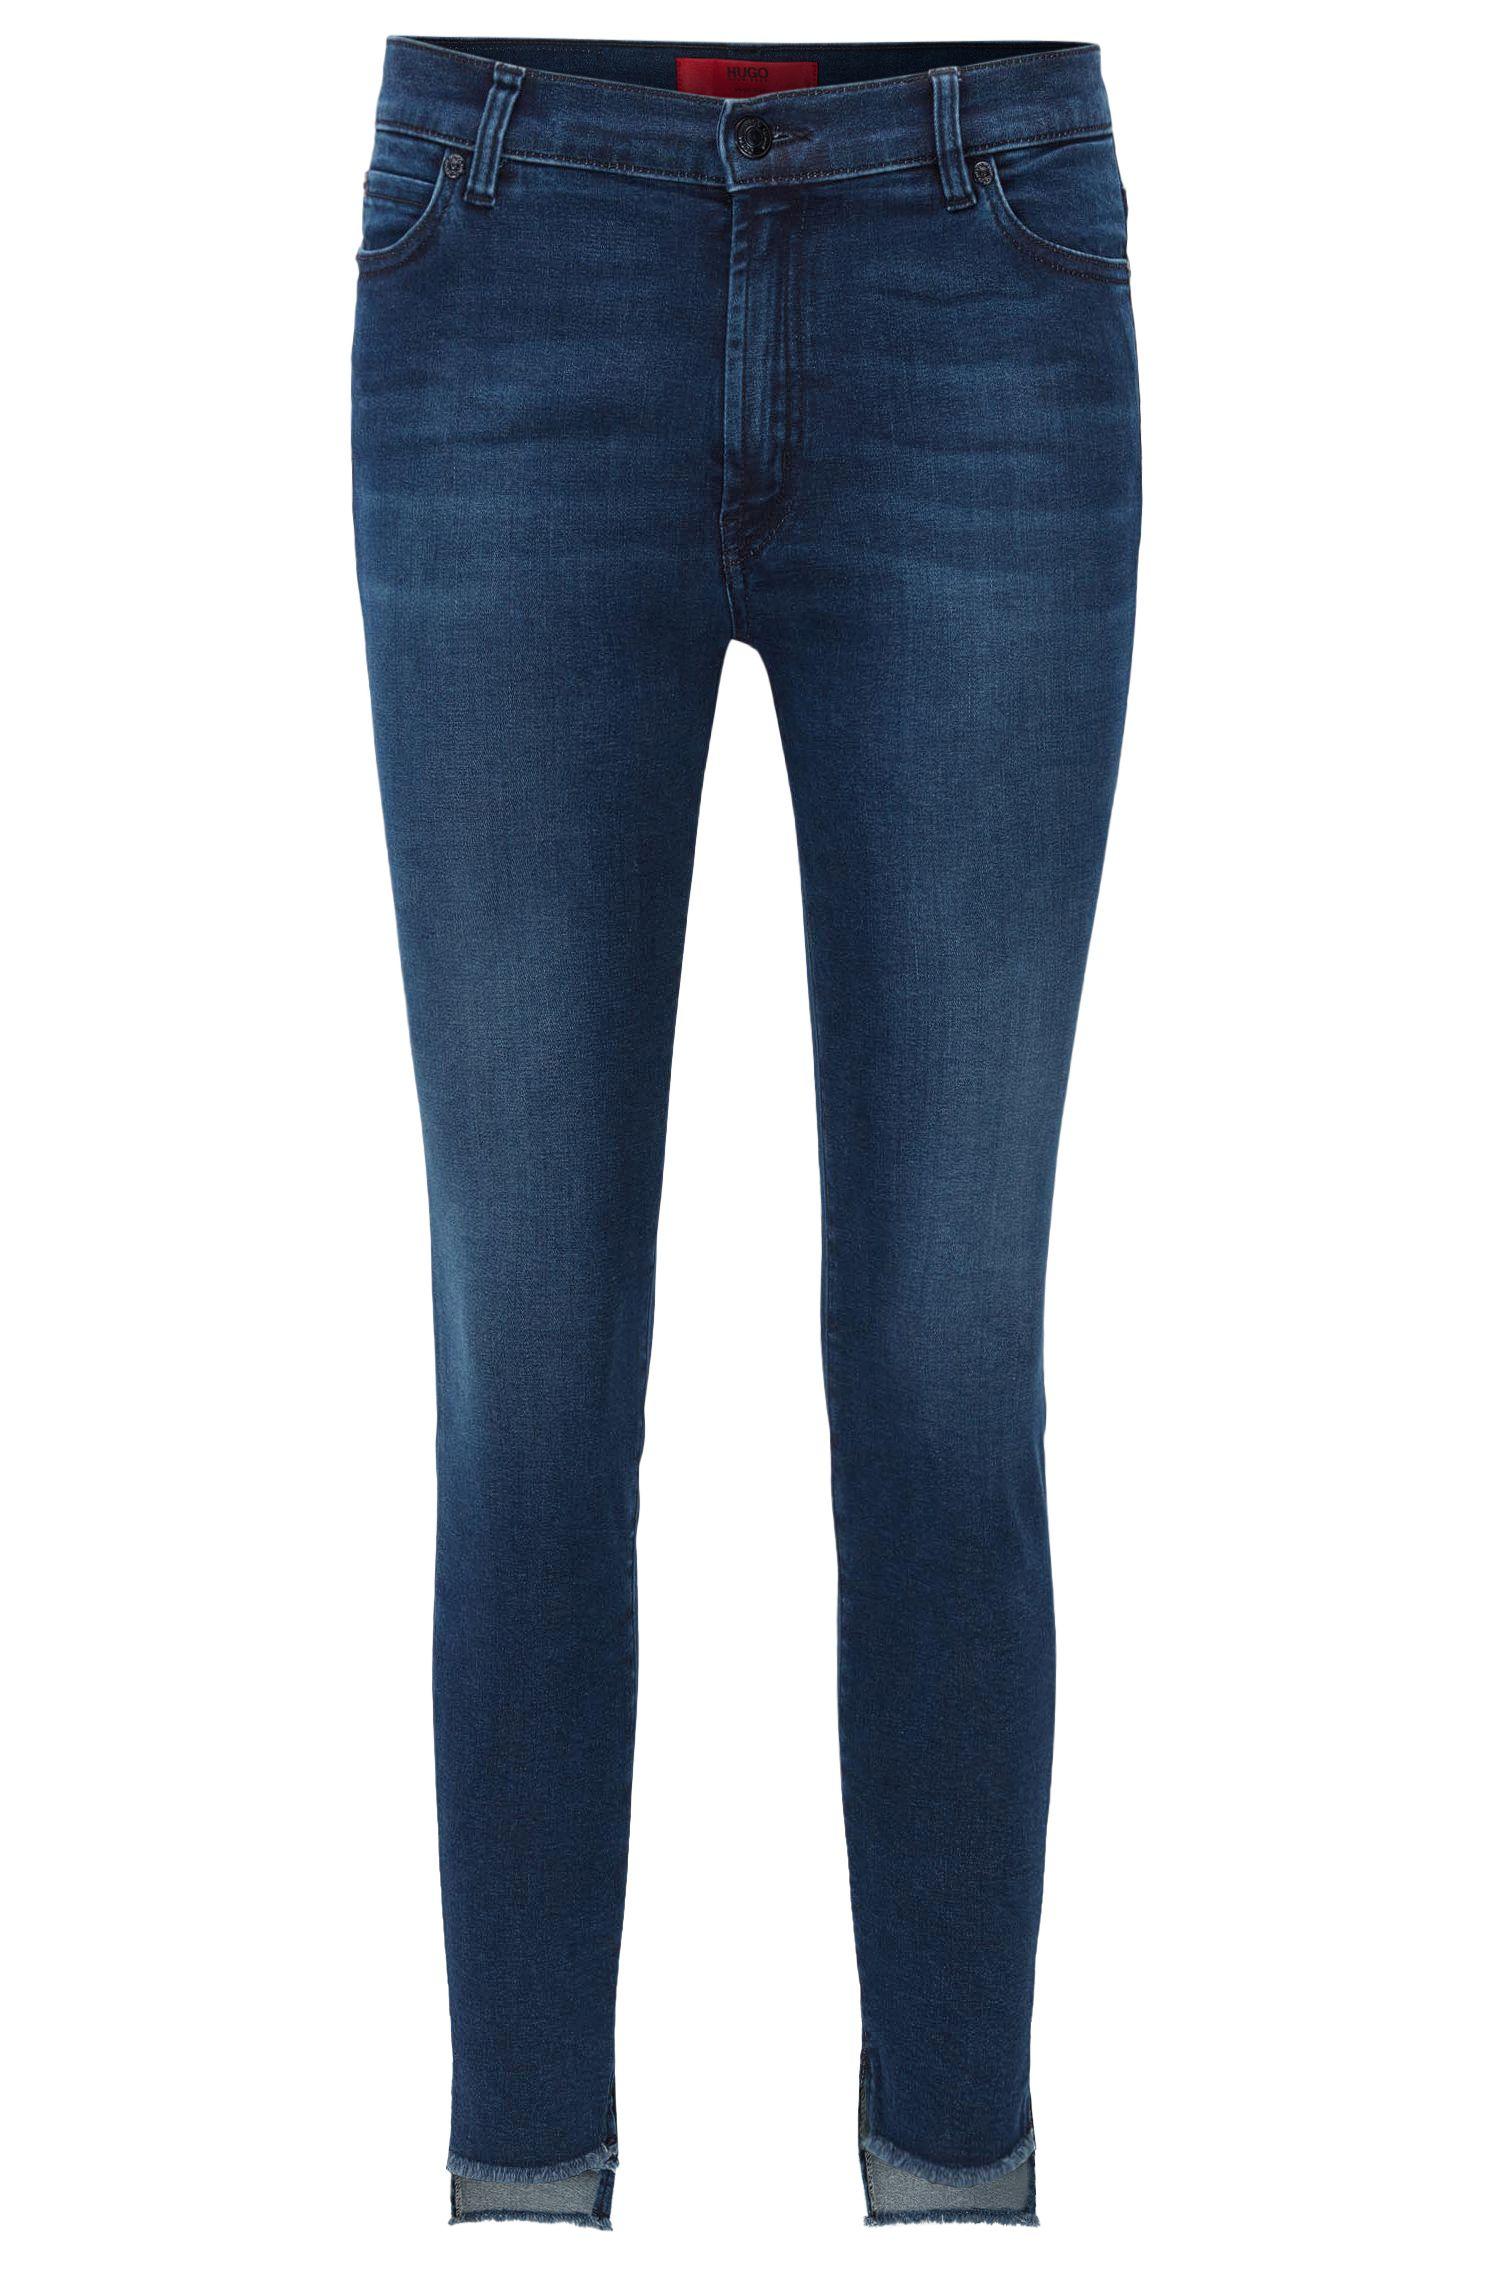 Extra Slim-Fit Jeans aus Super Stretch Denim mit asymmetrischem Saum